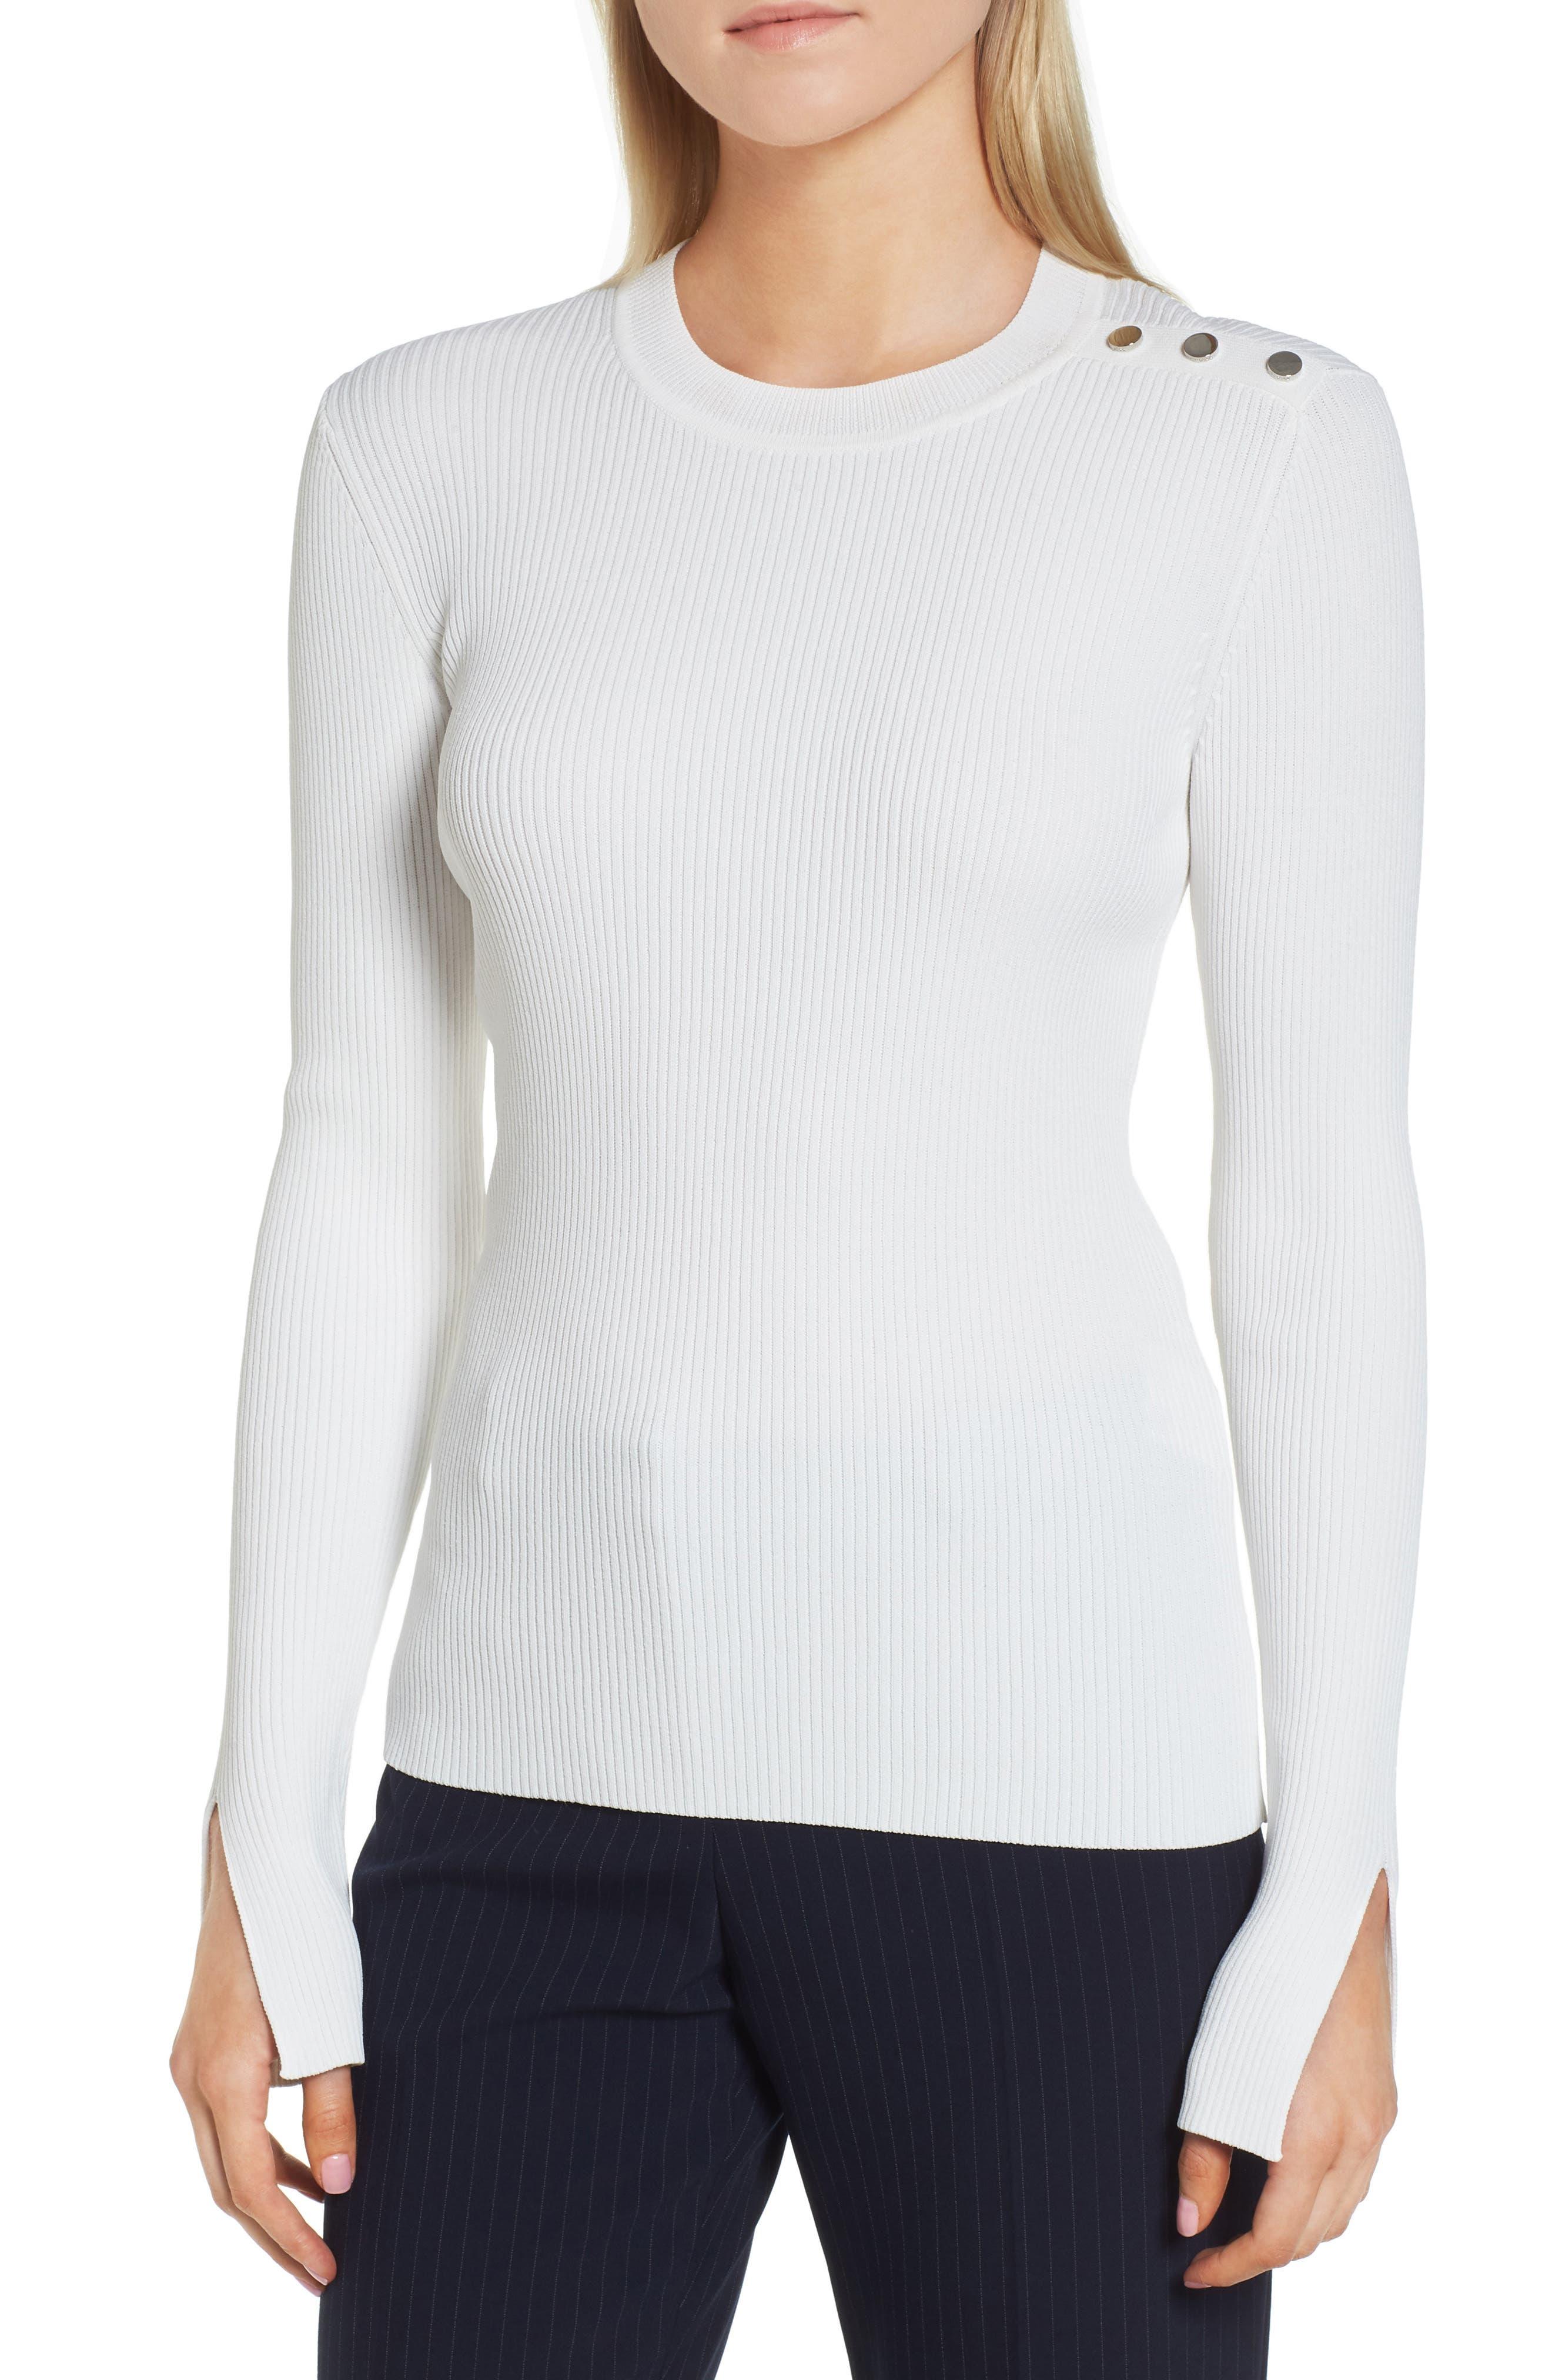 Fangeli Sweater,                             Main thumbnail 1, color,                             Vanilla Light